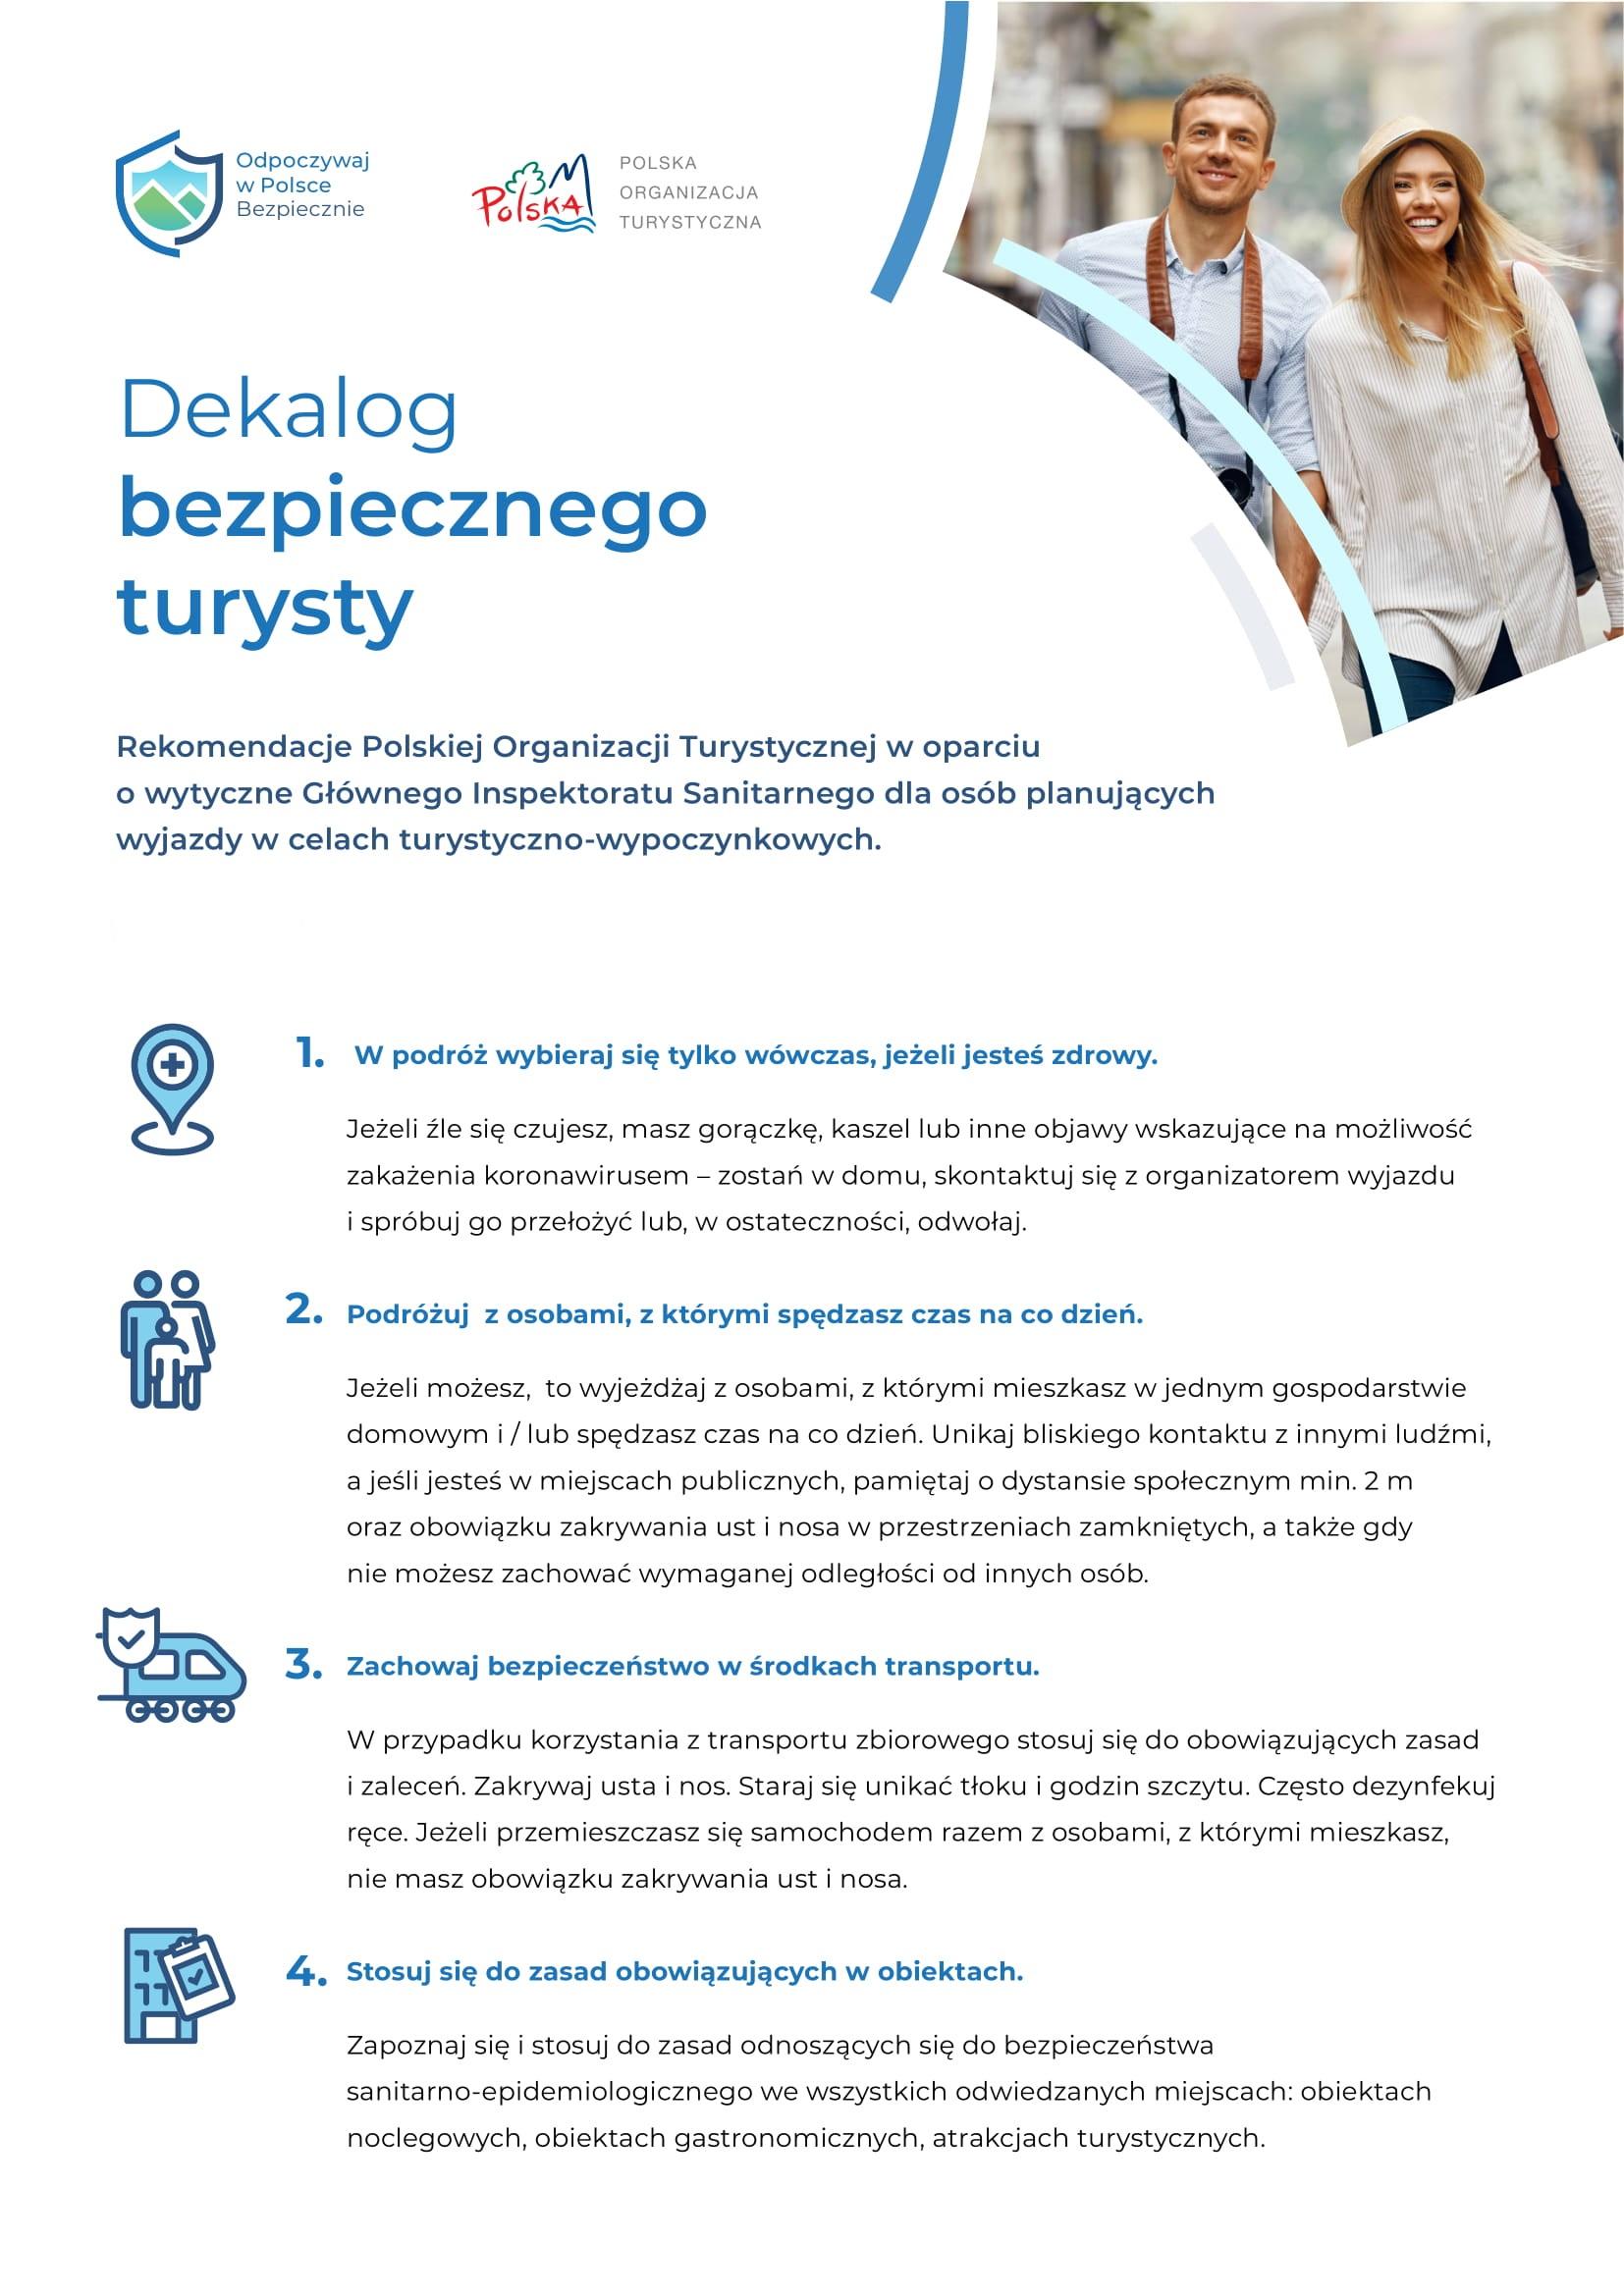 https://m.powiatszczycienski.pl/2020/08/orig/dekalog-turysty-pop01-06-2020-1-33760.jpg